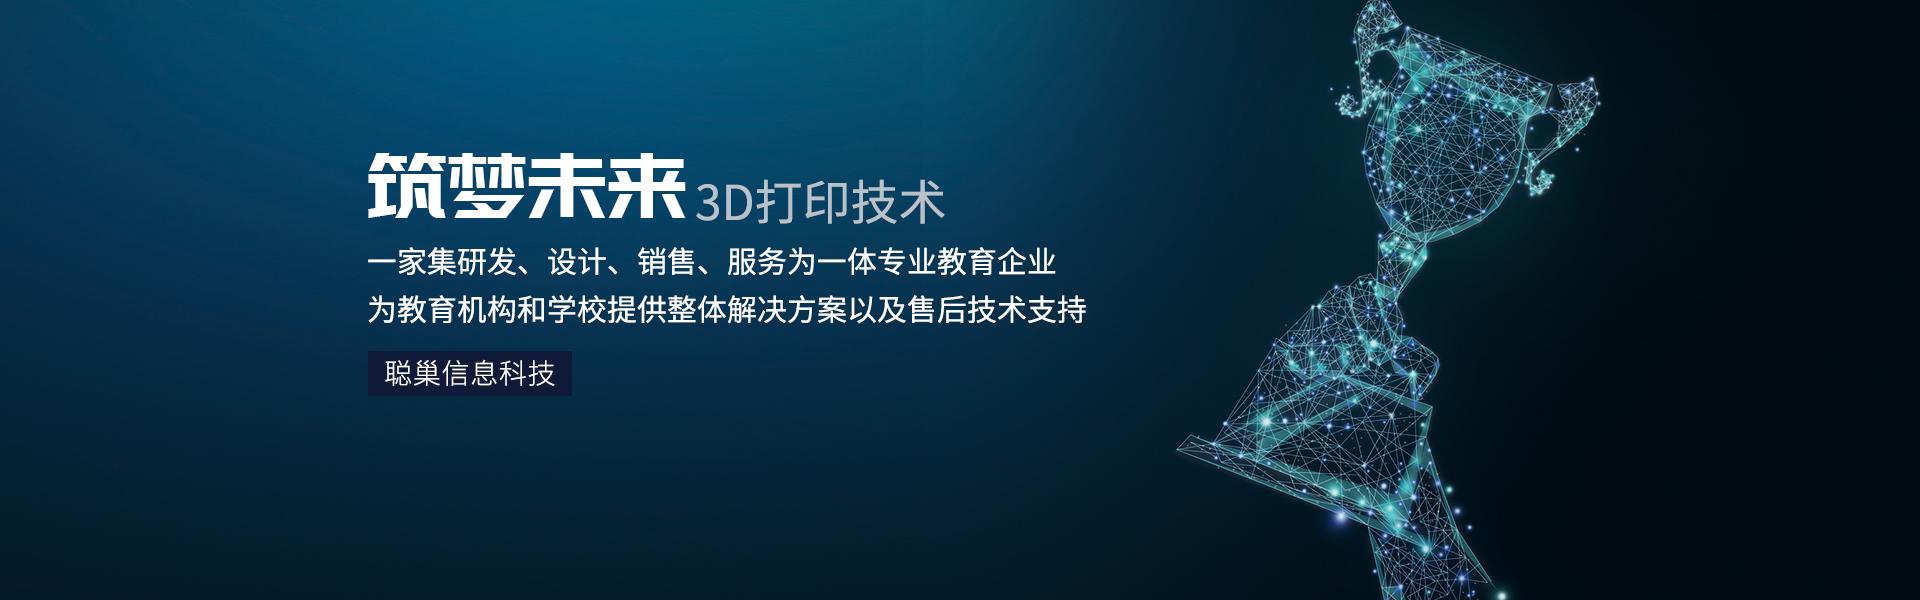 上海聪巢信息科技有限公司